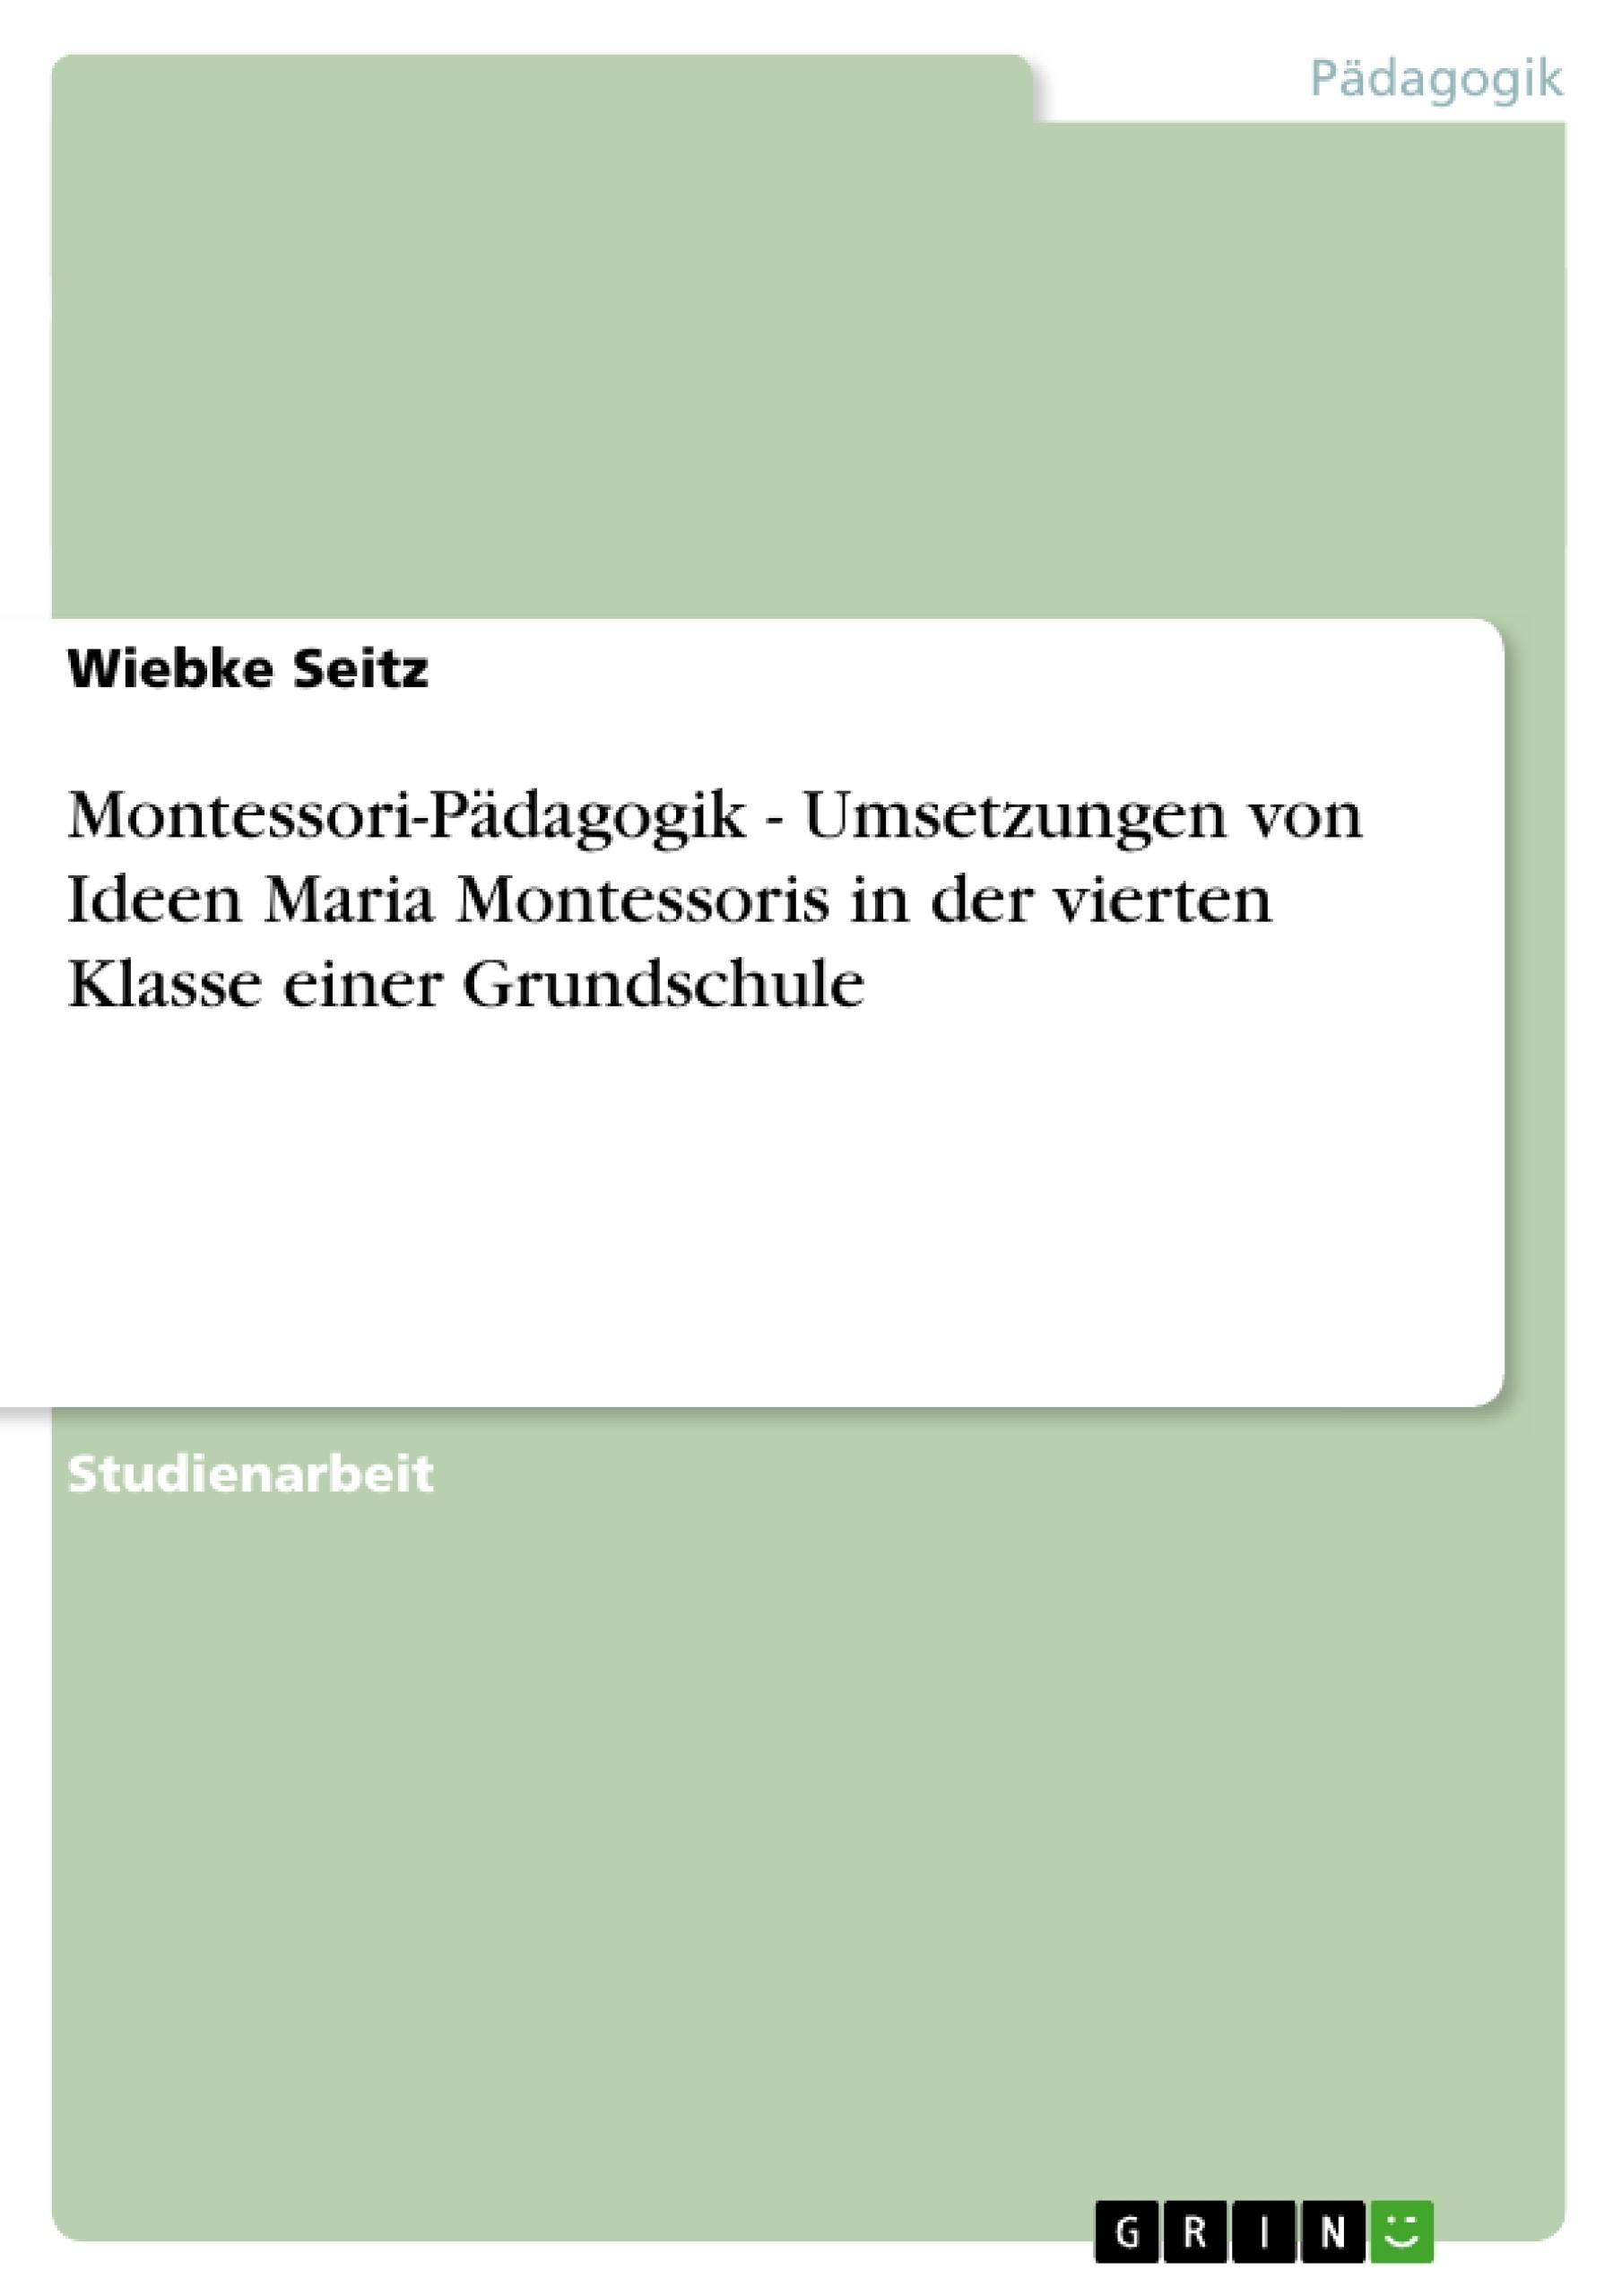 Titel: Montessori-Pädagogik - Umsetzungen von Ideen Maria Montessoris in der vierten Klasse einer Grundschule